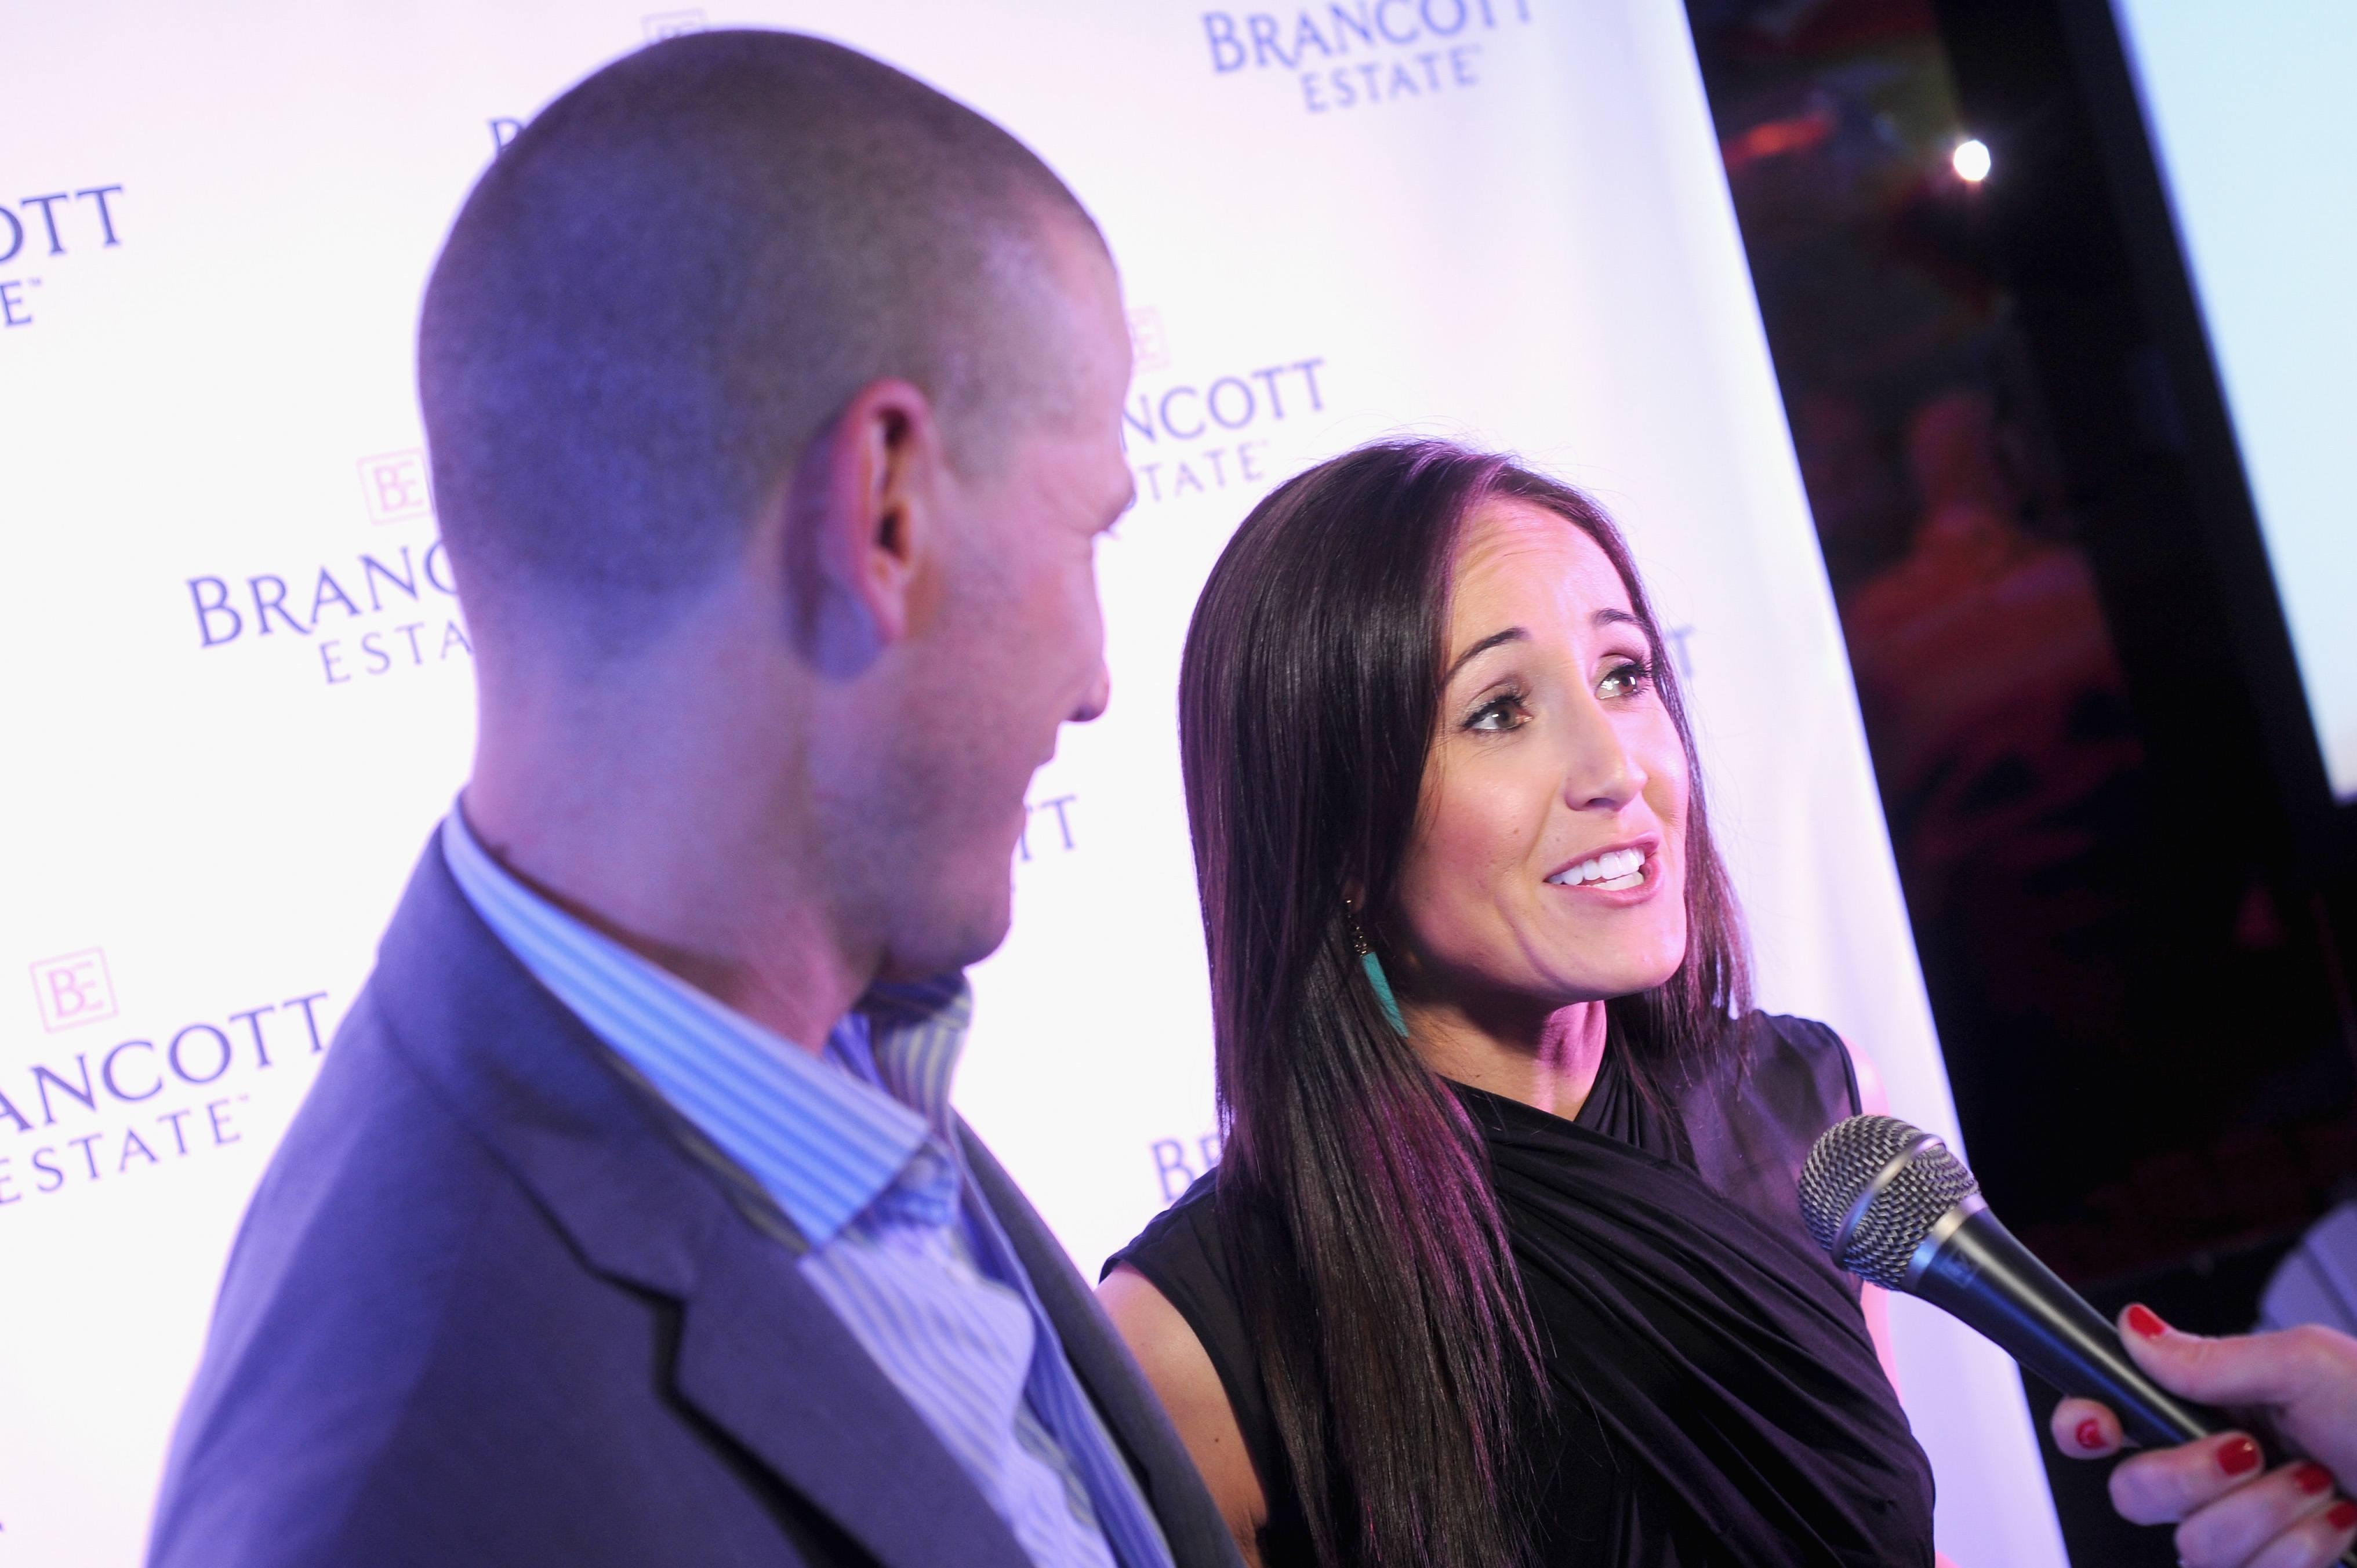 Ashley Hebert and J.P. Rosenbaum Celebrate Brancott Estate Chill Hour